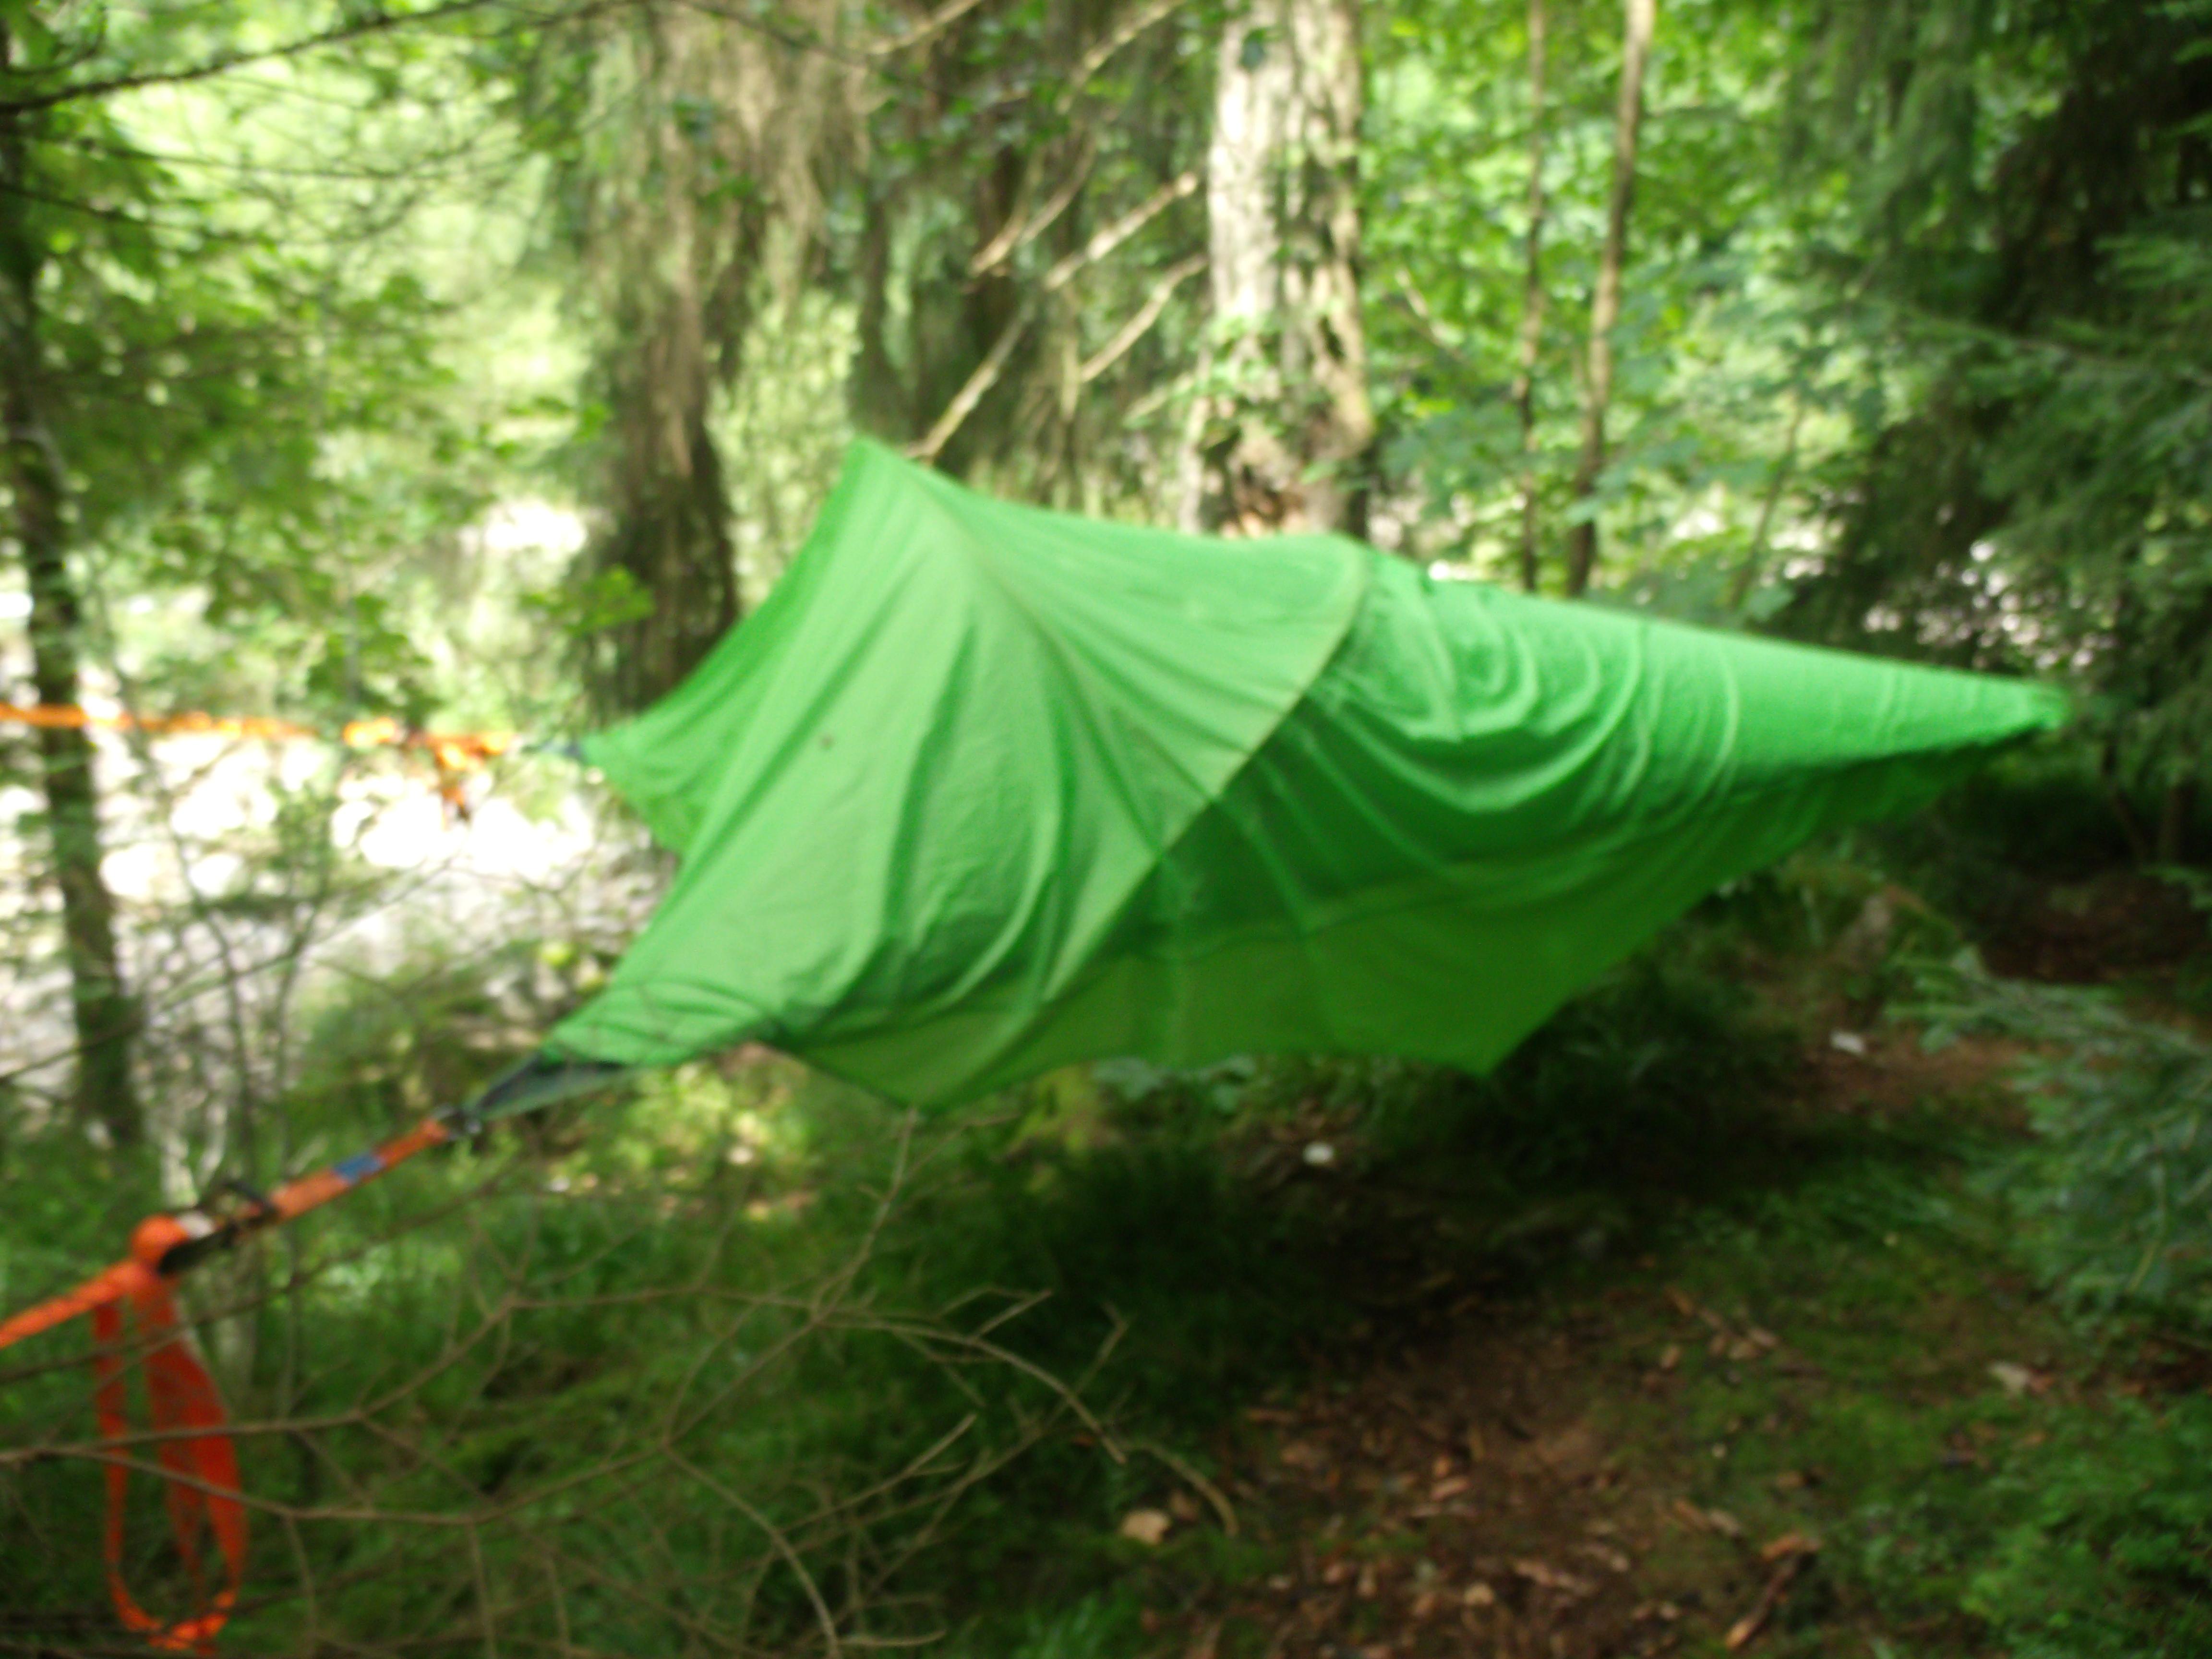 Wald, Zelten, Abenteuer, Übernachtung